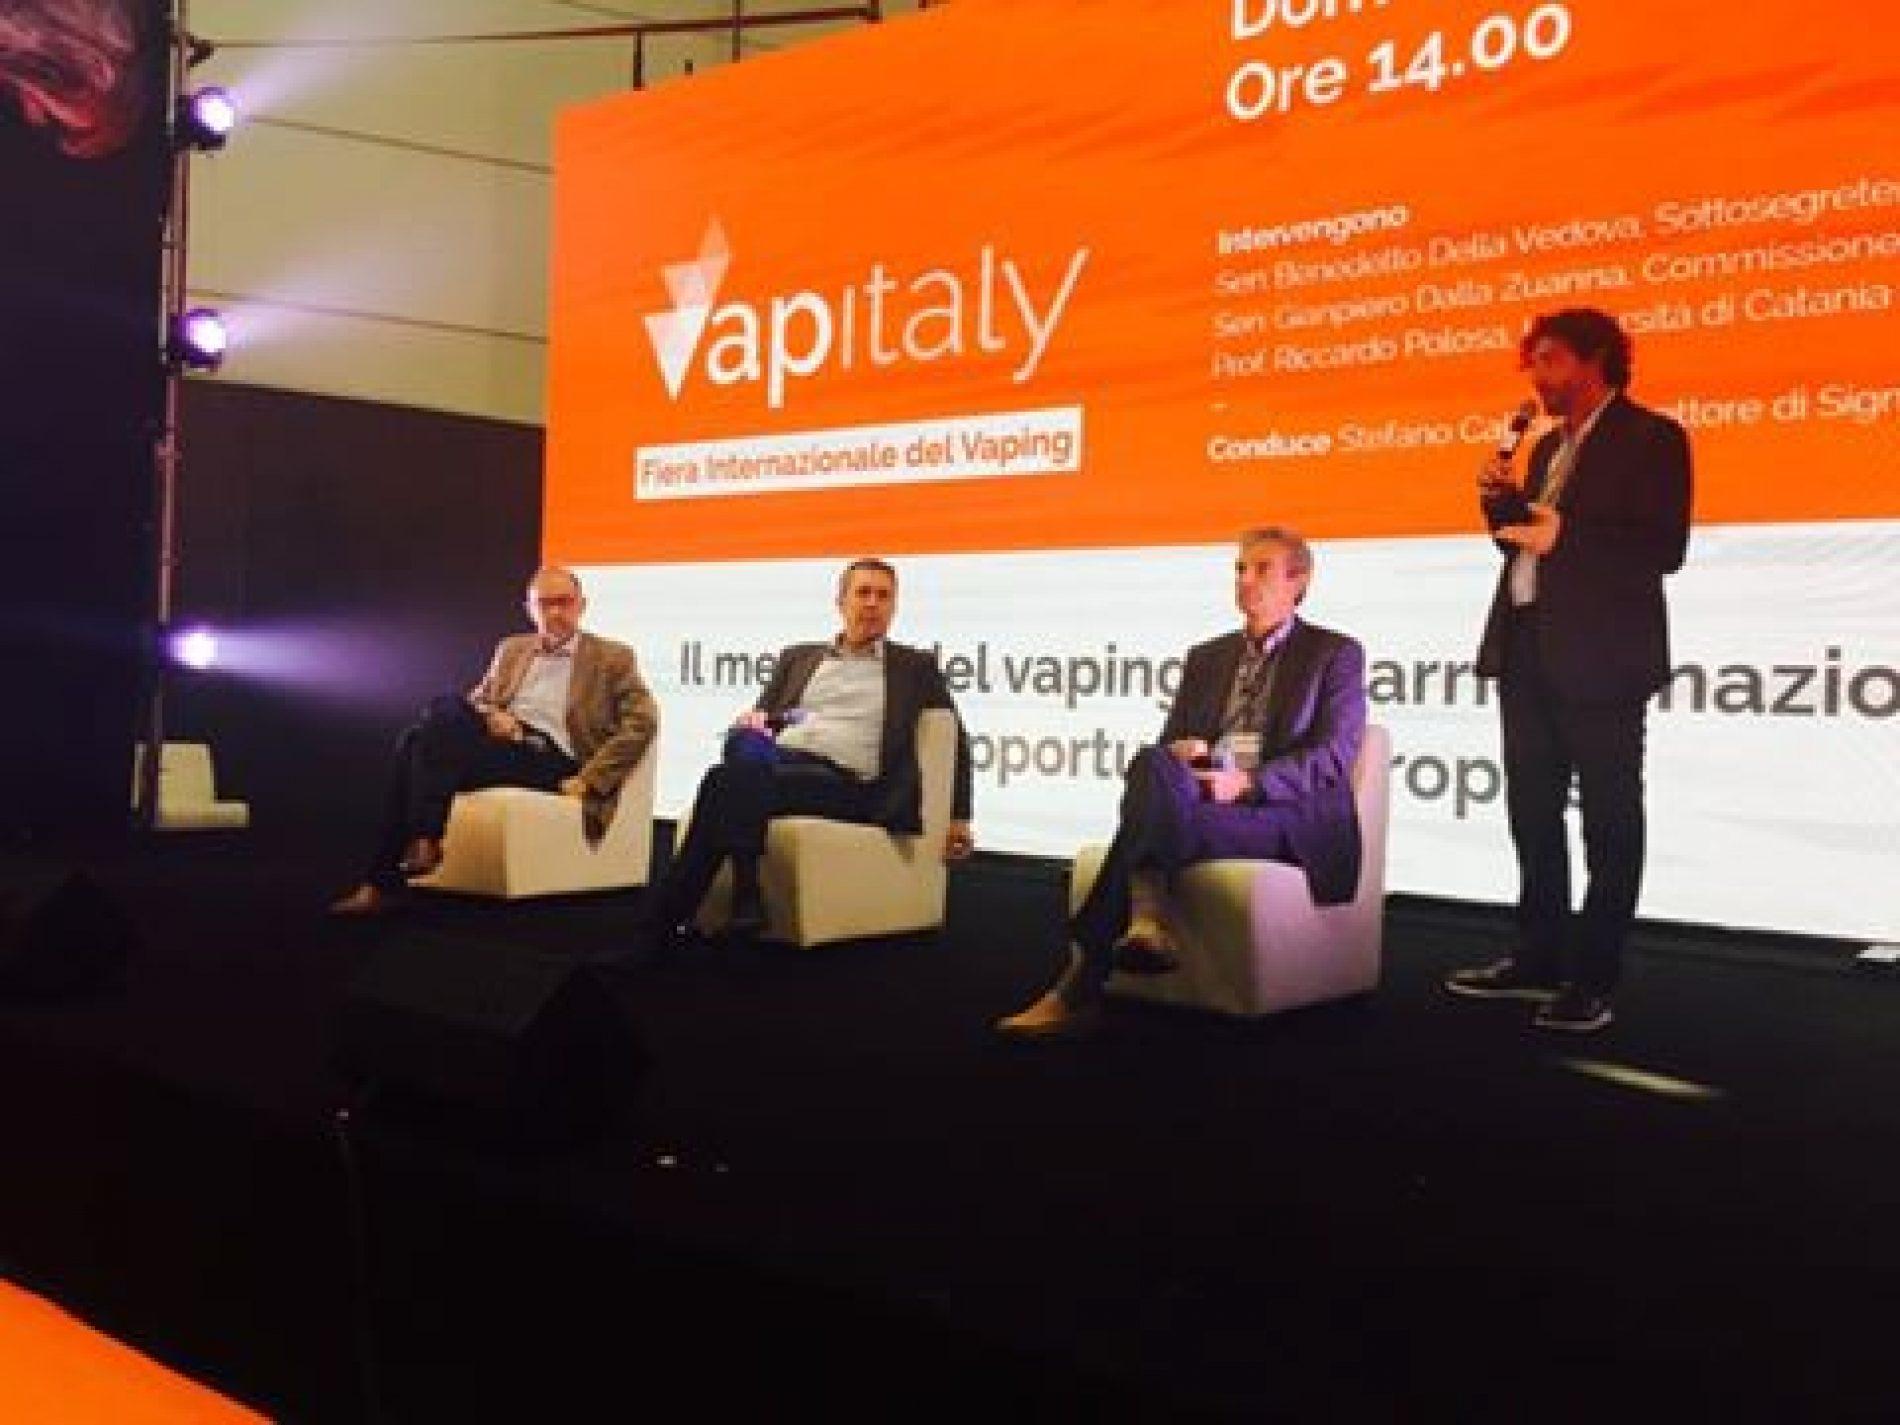 Primo giorno di TPD anche in Italia. Riccardo Polosa a Vapitaly fa il punto con Della Vedova